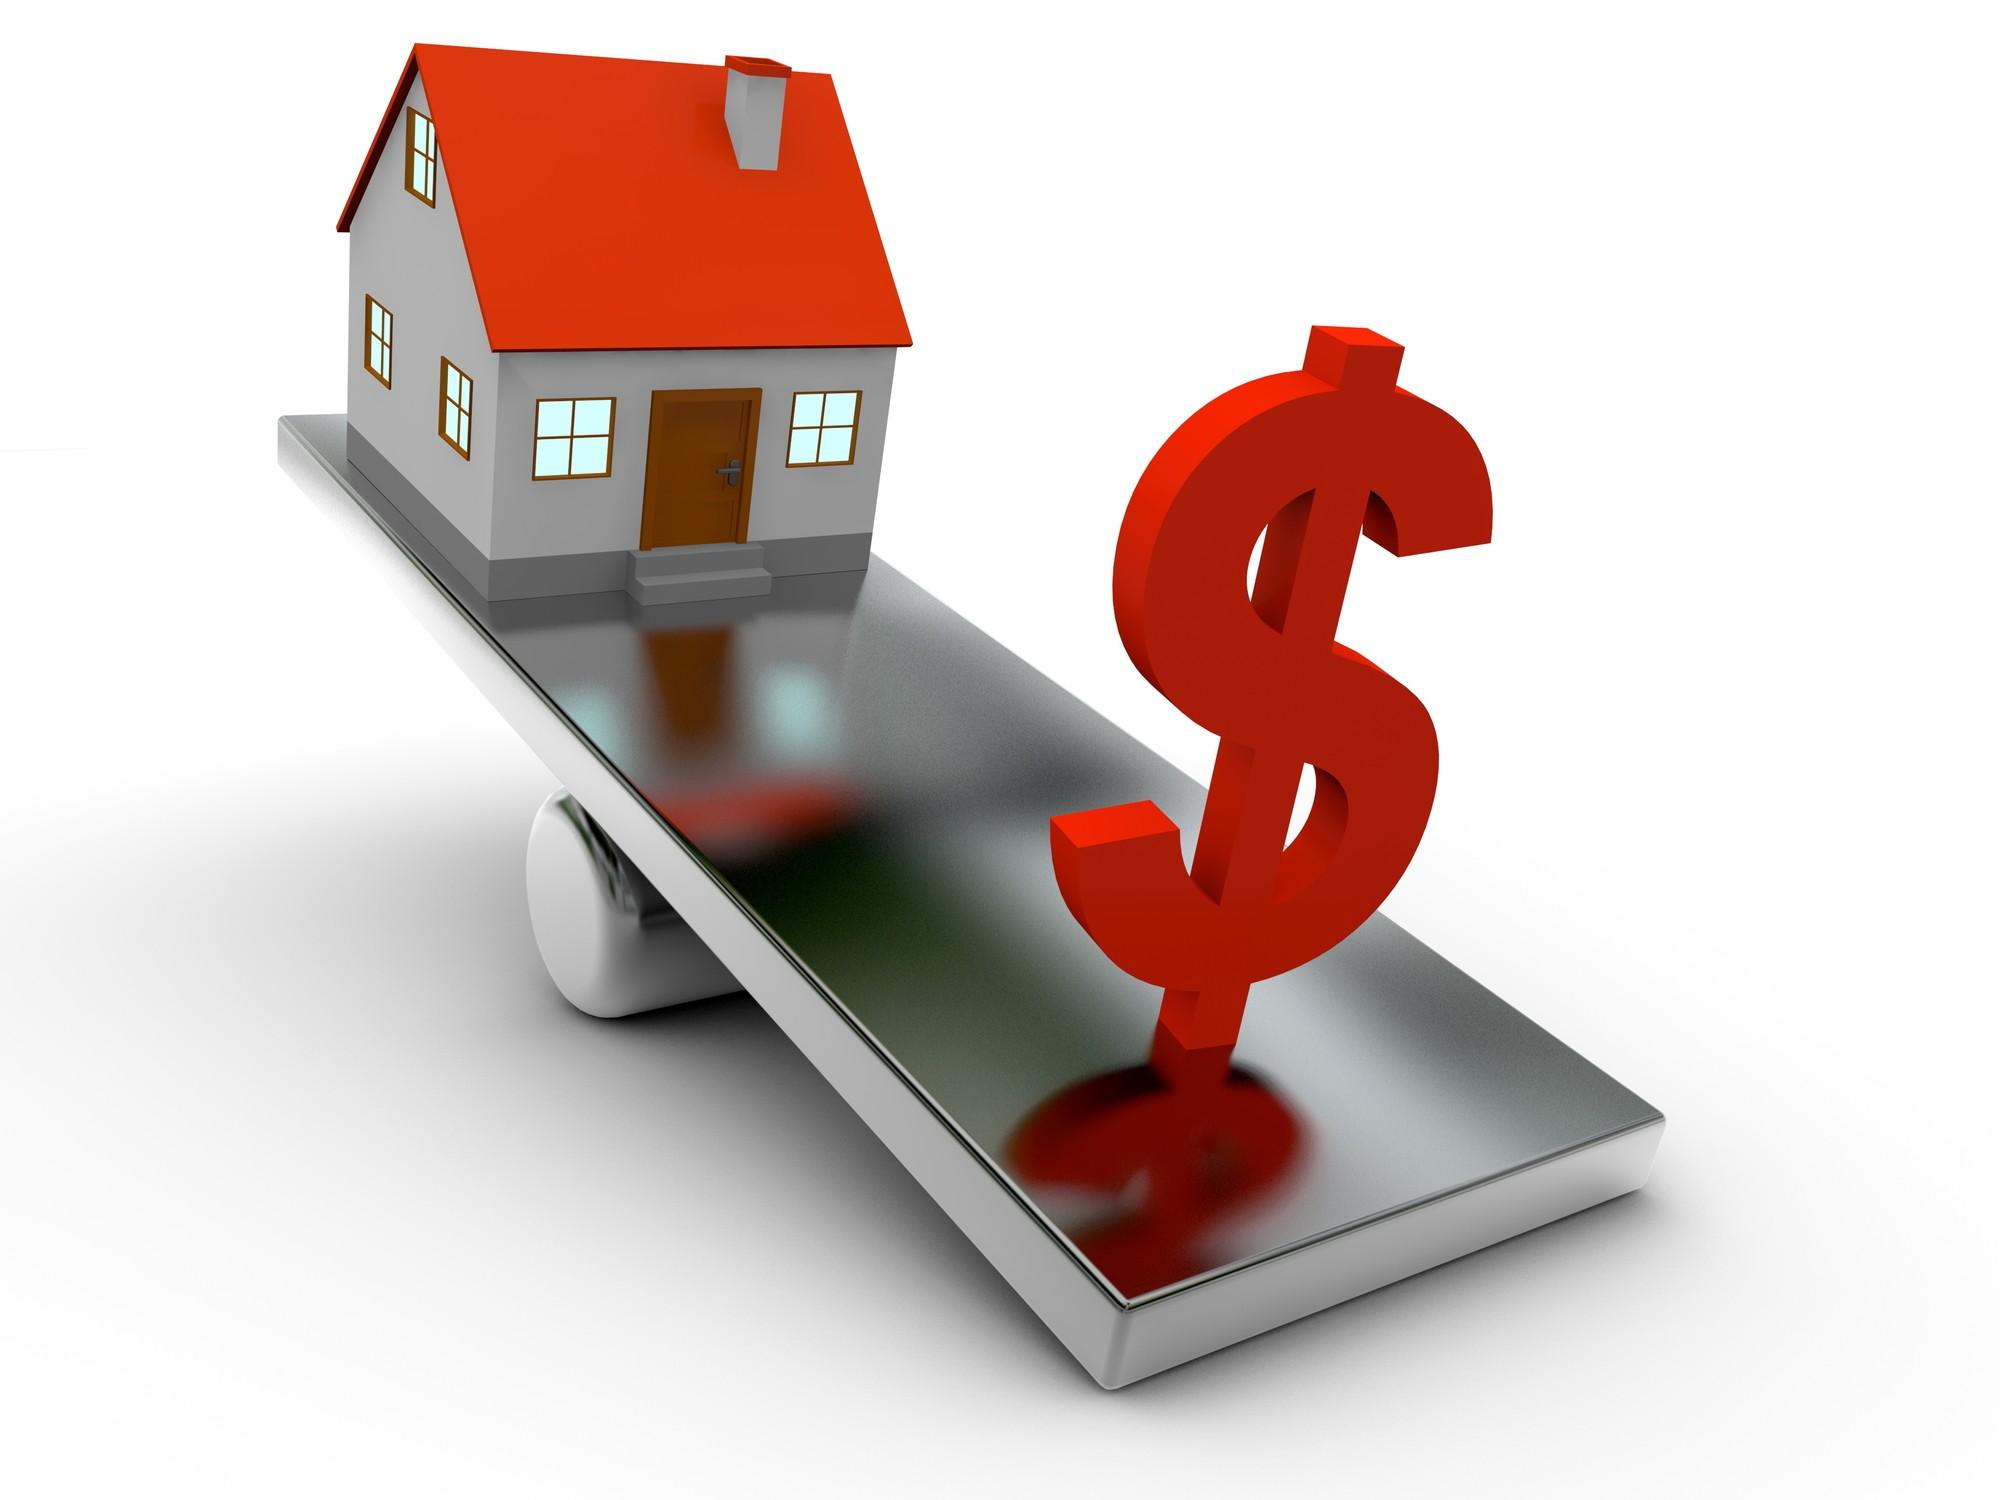 Молодіжні кредити на житло та останній рік для їх отримання